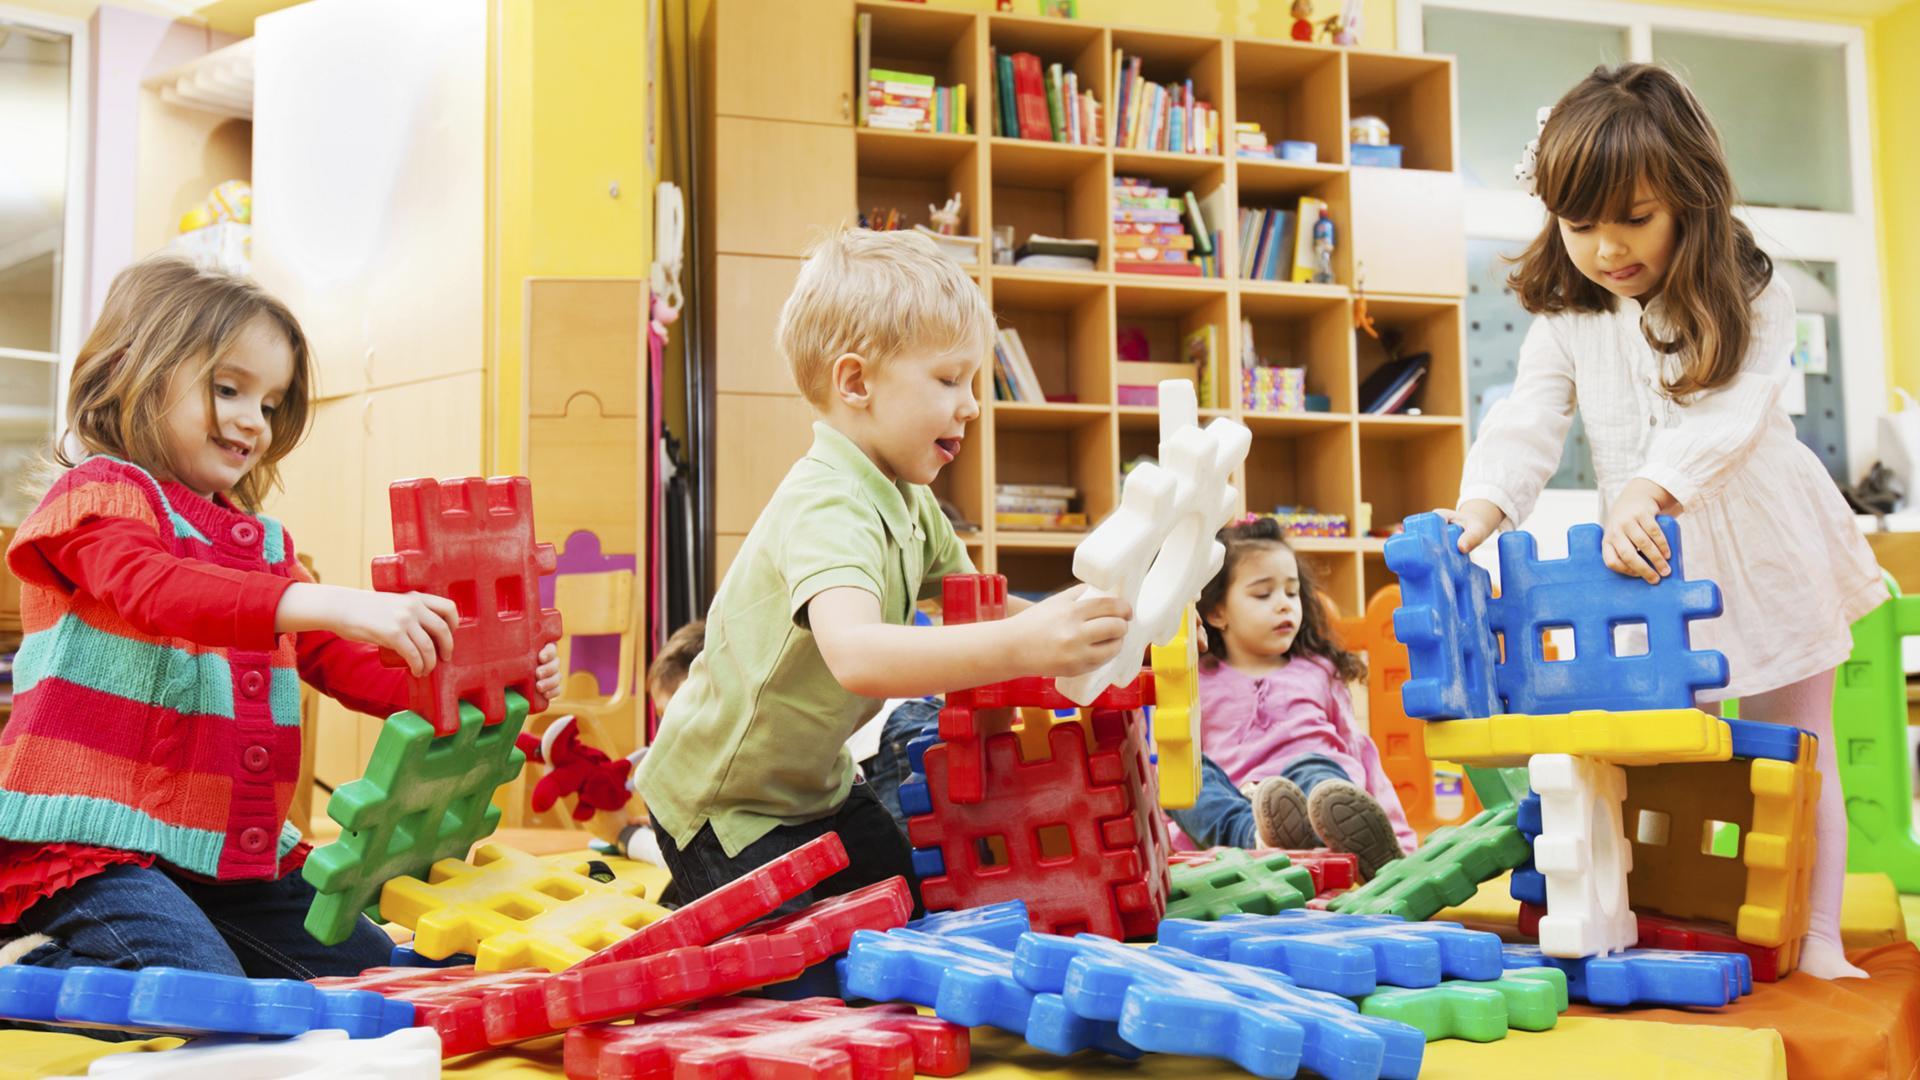 Oyun alanında oynayan üç tane çocuğun görselidir.